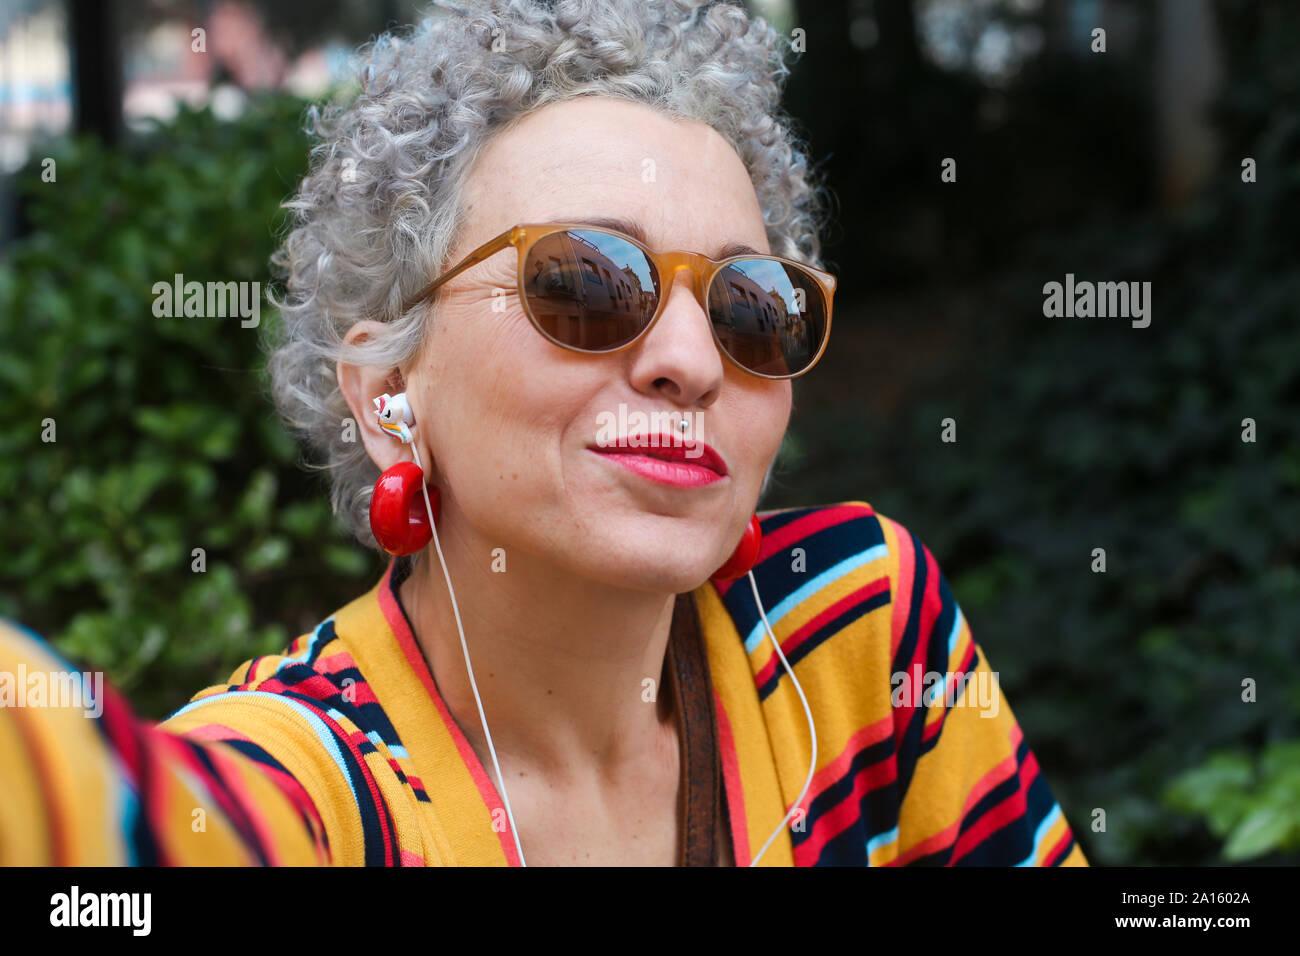 Retrato de mujer madura traspasado con gafas de sol y auriculares Foto de stock